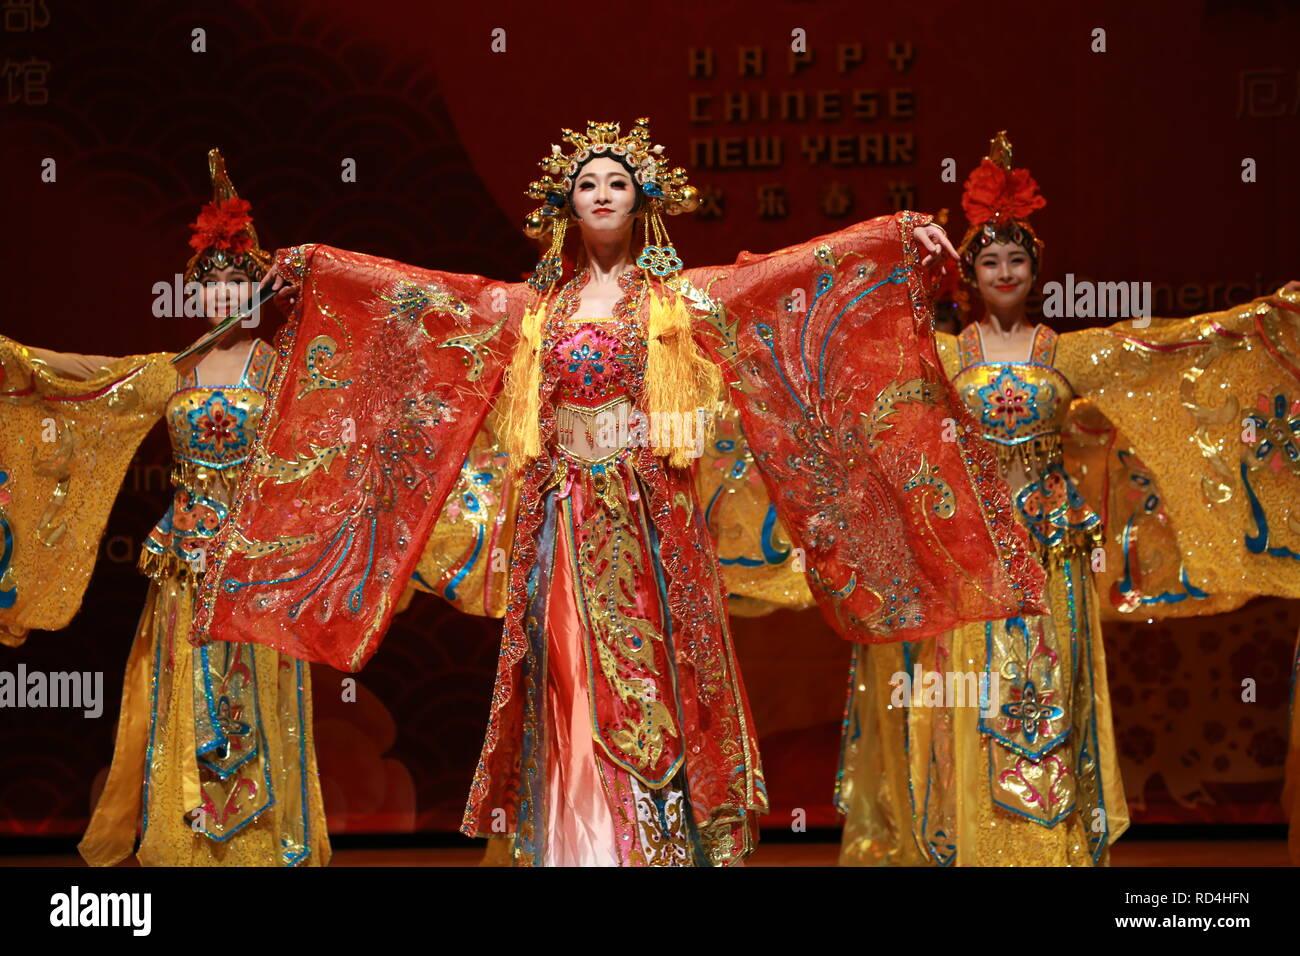 Quito, Ecuador. 16 gennaio, 2019. Ballerini da China National Opera e Danza Teatro eseguire nelle celebrazioni per la prossima festa della primavera di Quito, capitale dell'Ecuador, gen. 16, 2019. Credito: Hao Yunfu/Xinhua/Alamy Live News Immagini Stock